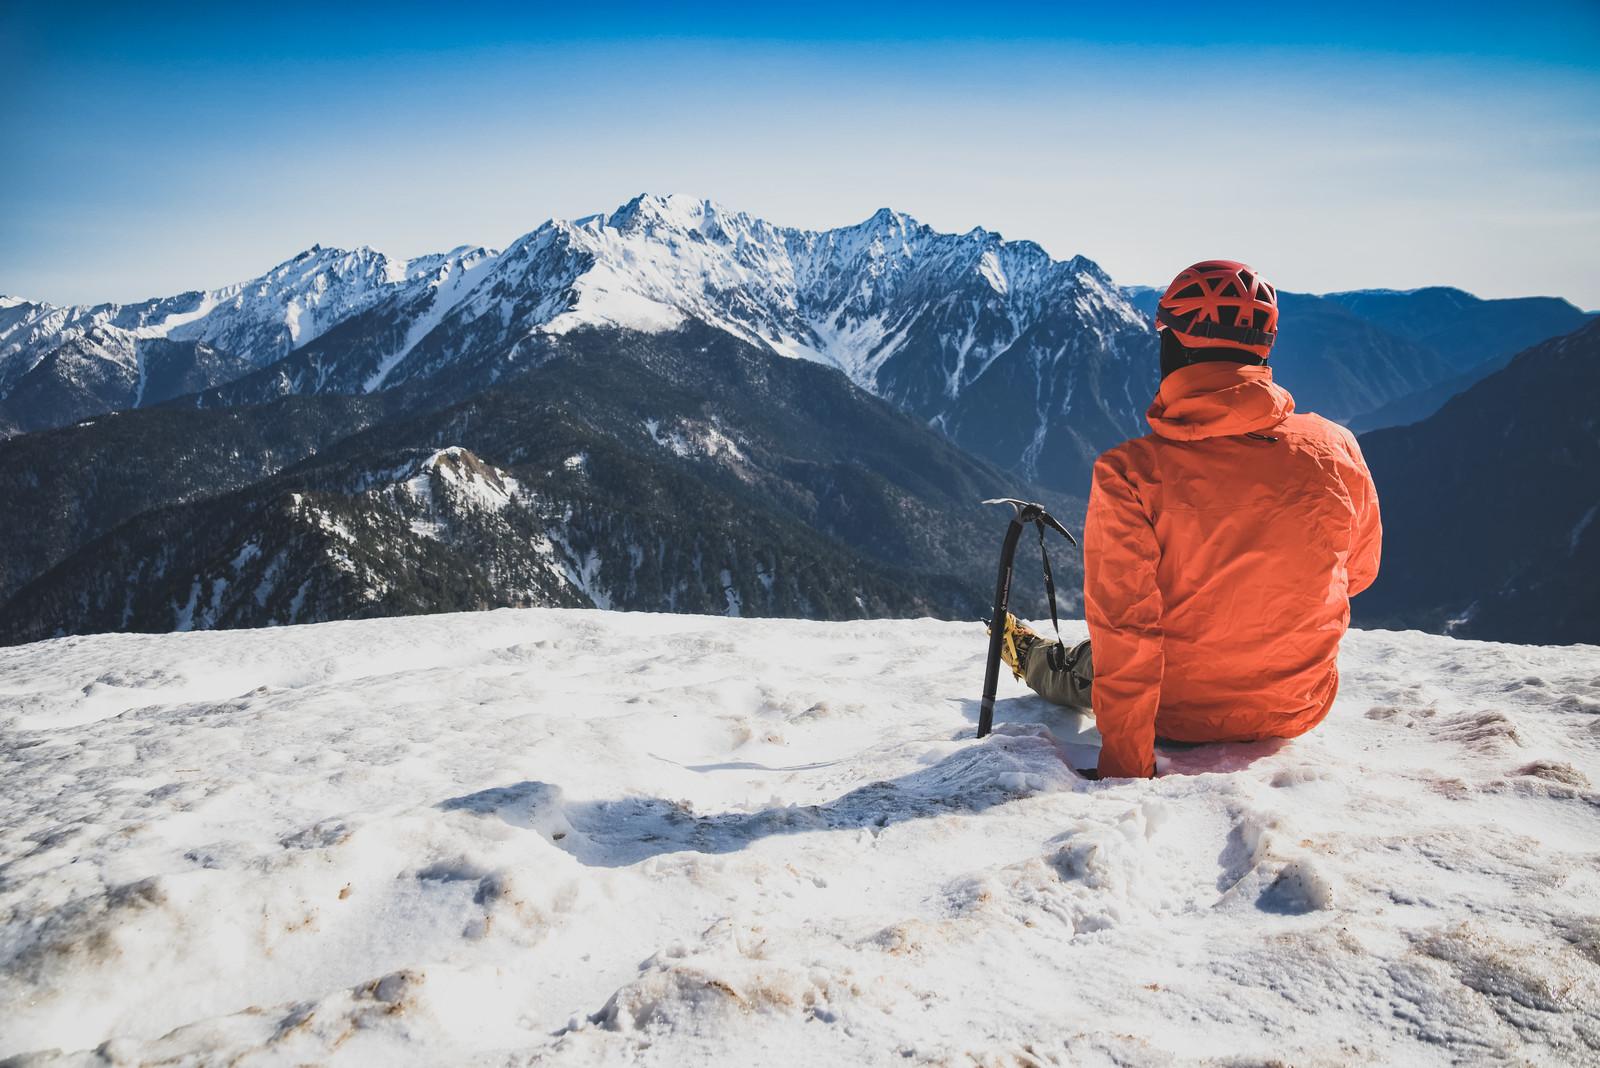 雪山で休憩する男性